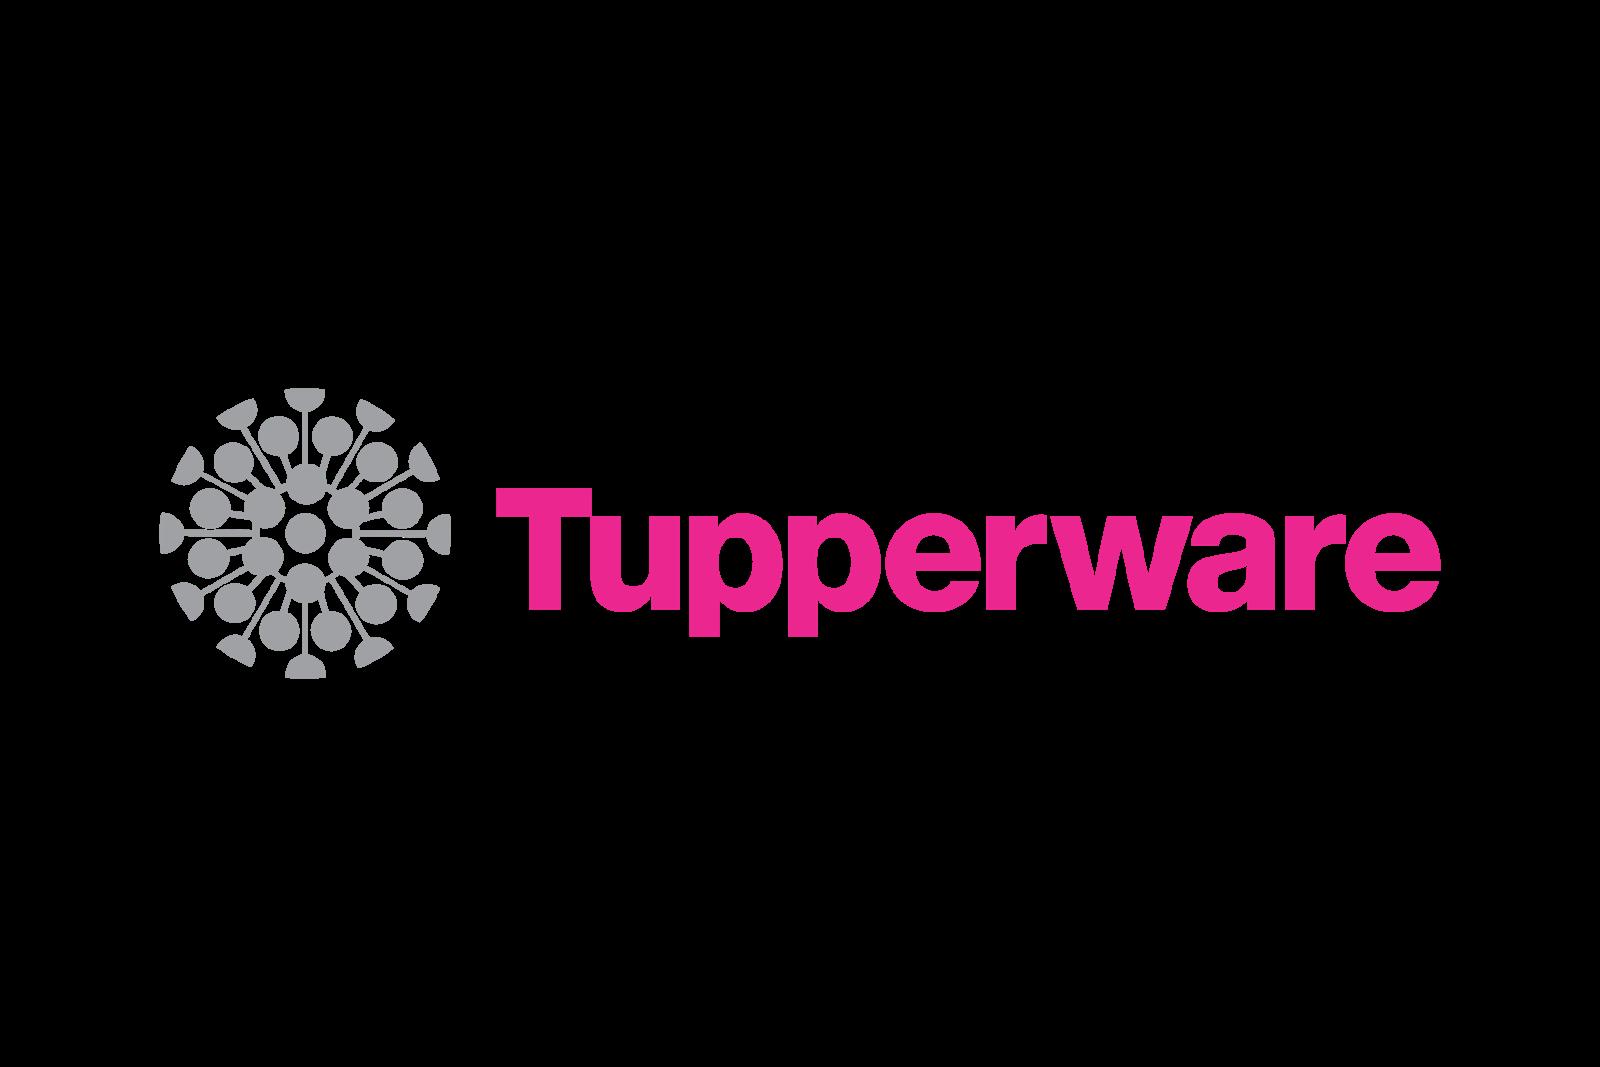 Home Design 2014 Tupperware Logo Logo Share